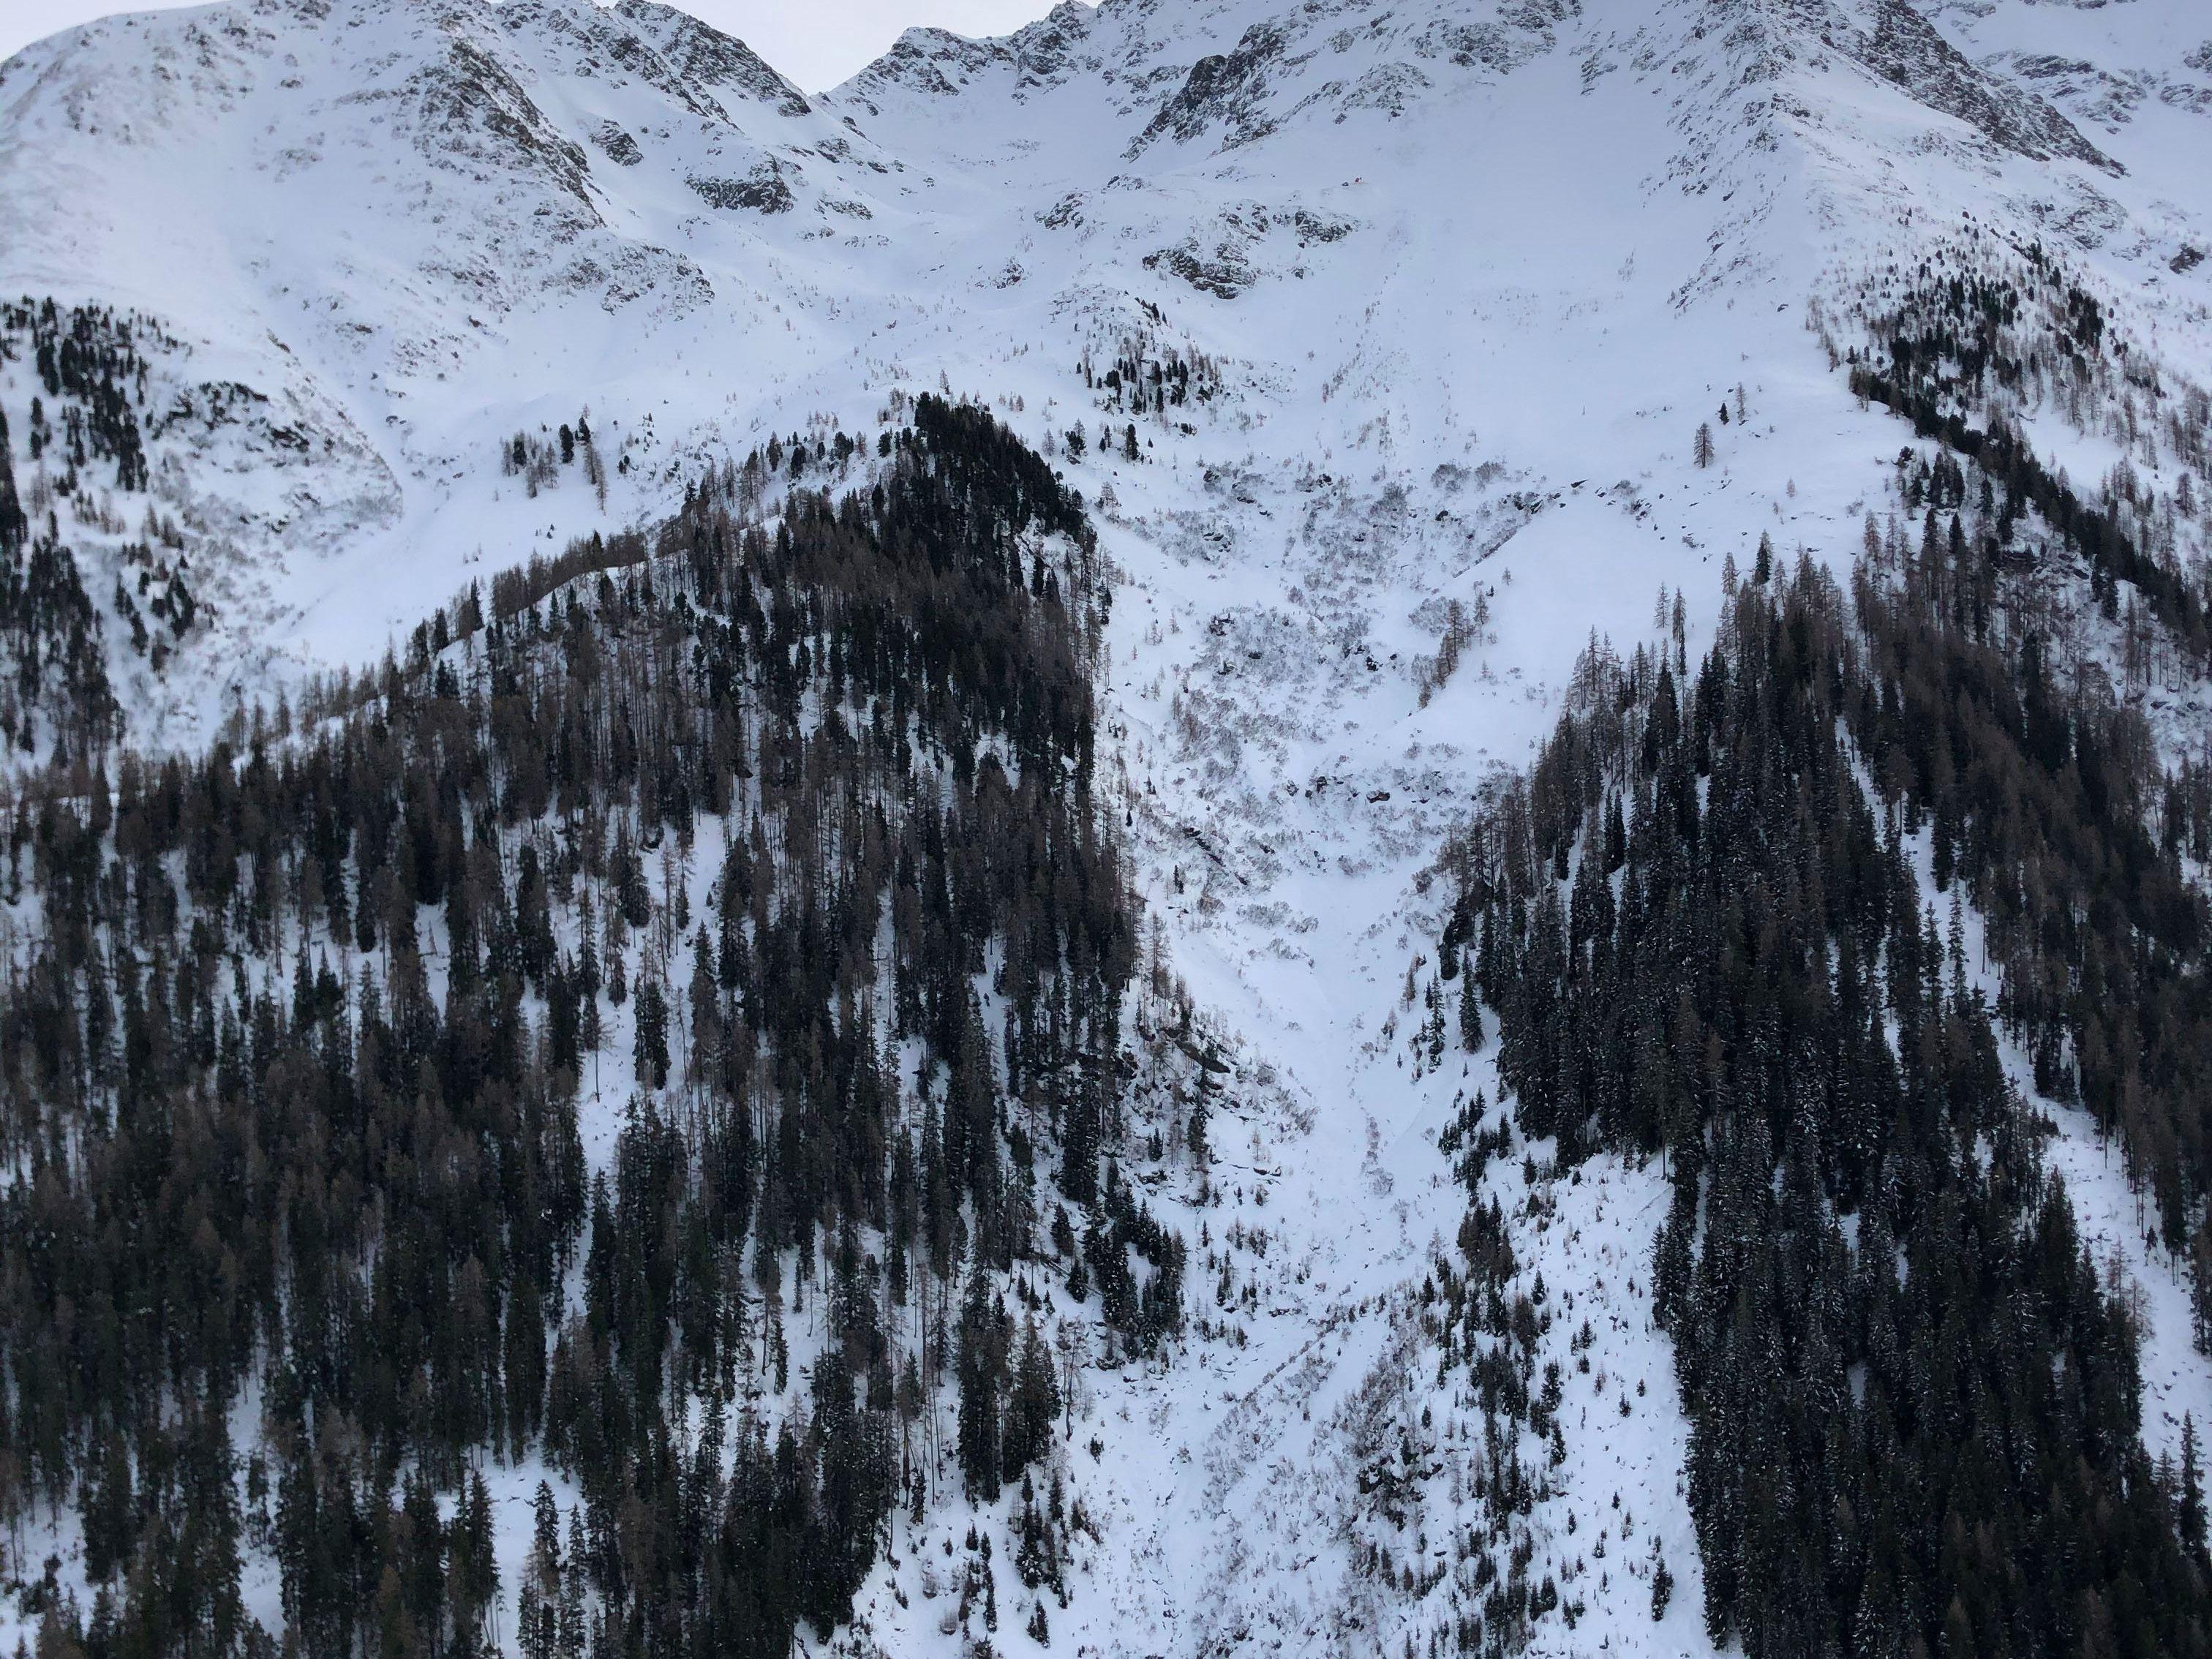 Österreich: Lawine geht in Tirol ab: Mindestens eine Person verschüttet   Welt